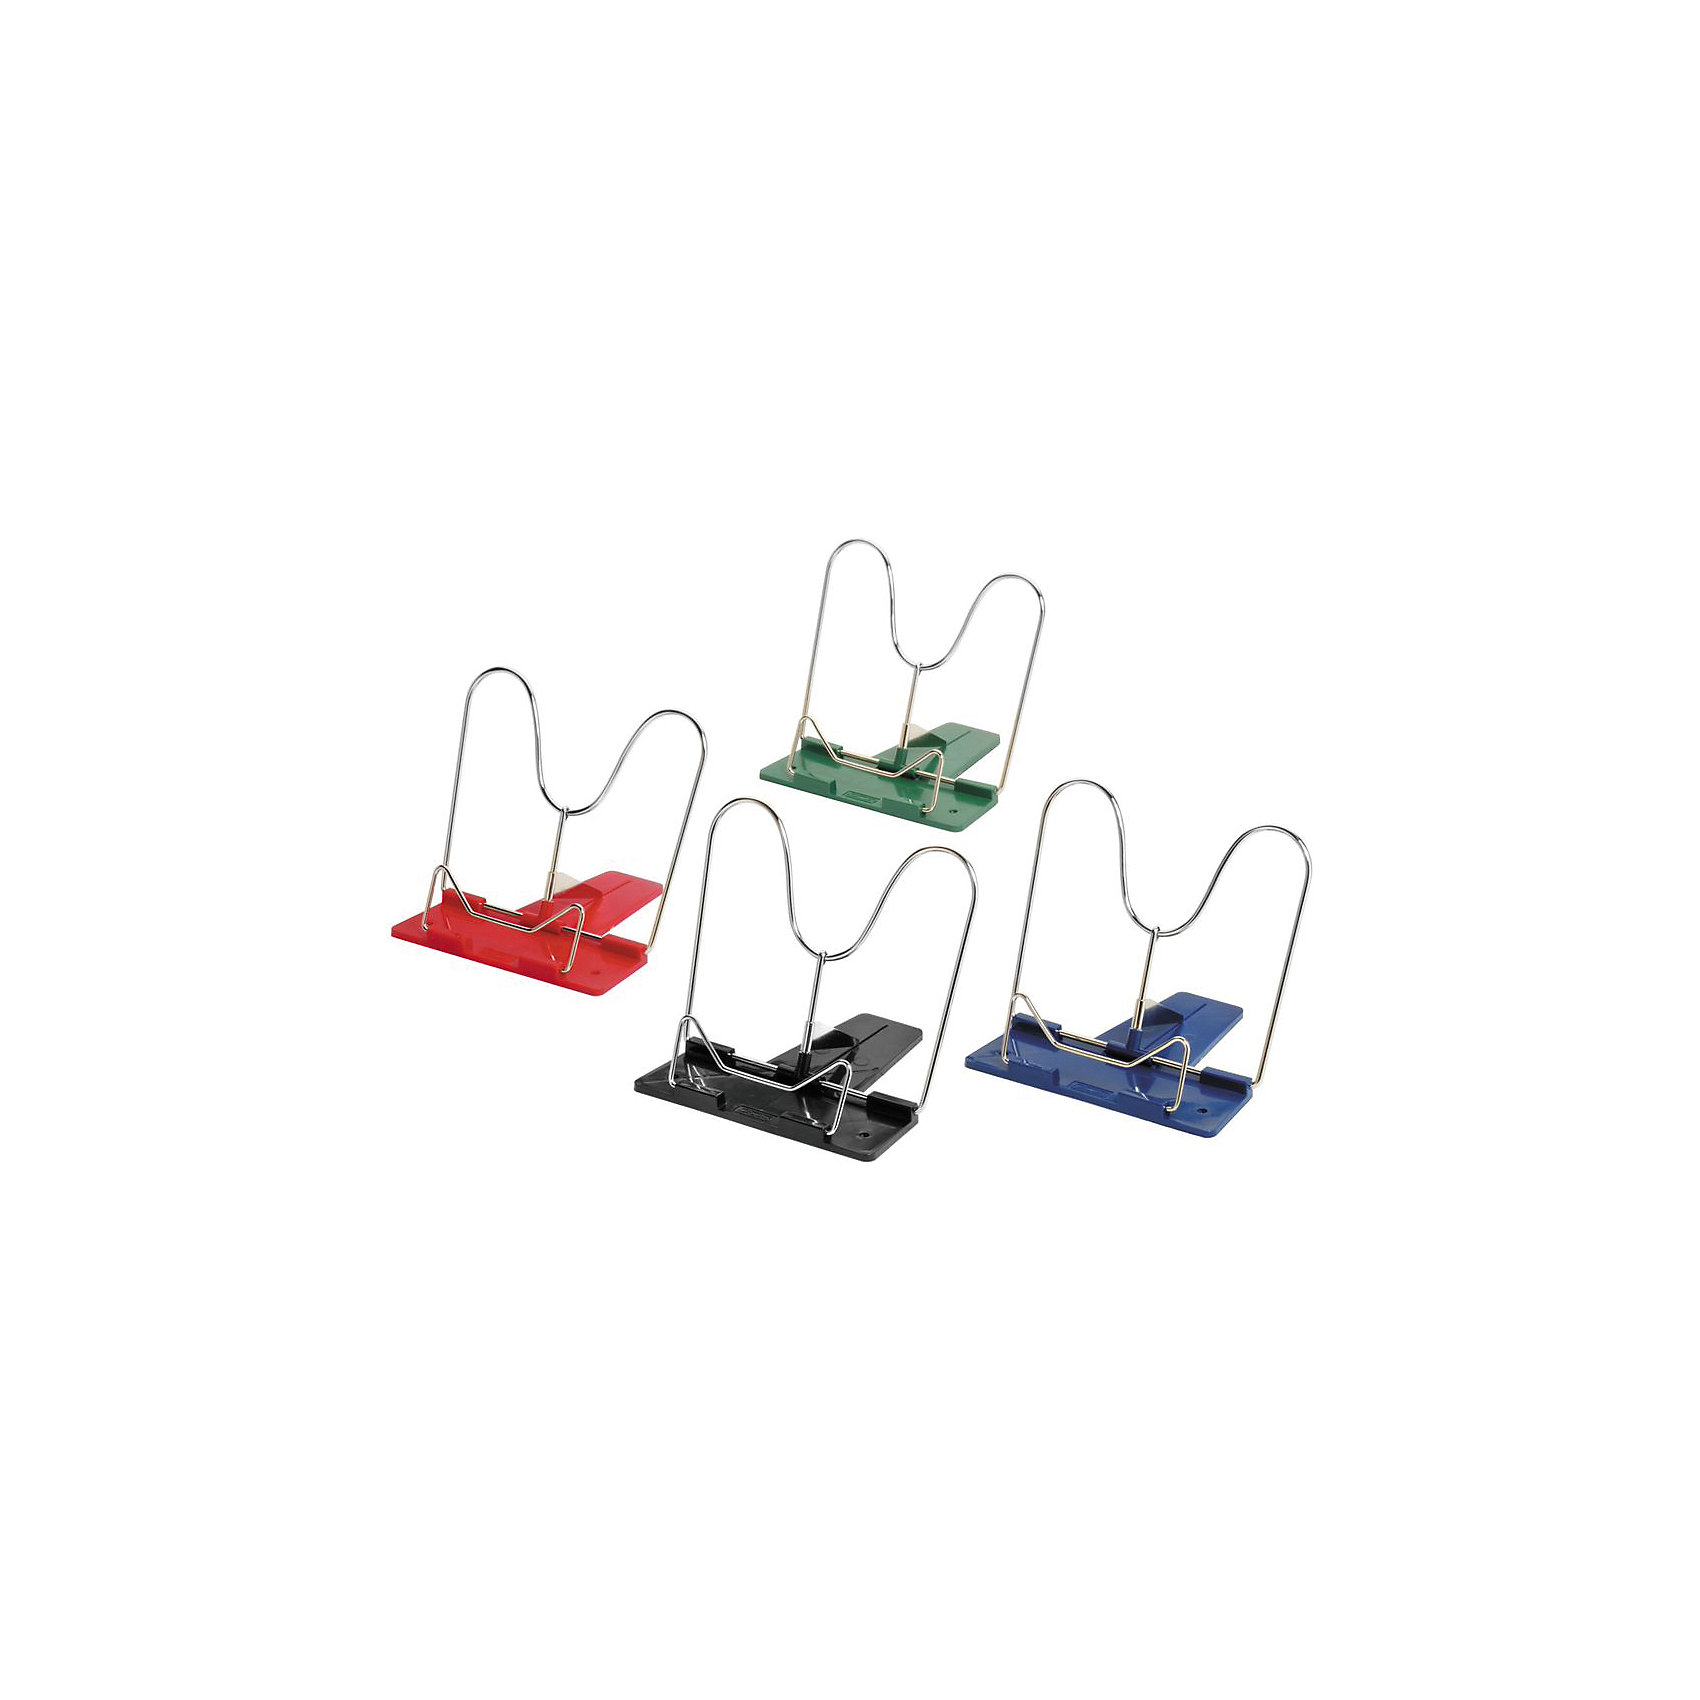 Herlitz Подставка для книг, металл, цвет в ассортиментеШкольные аксессуары<br>Подставка д/книг, металл<br><br>Ширина мм: 130<br>Глубина мм: 185<br>Высота мм: 220<br>Вес г: 0<br>Возраст от месяцев: 36<br>Возраст до месяцев: 2147483647<br>Пол: Унисекс<br>Возраст: Детский<br>SKU: 6892629